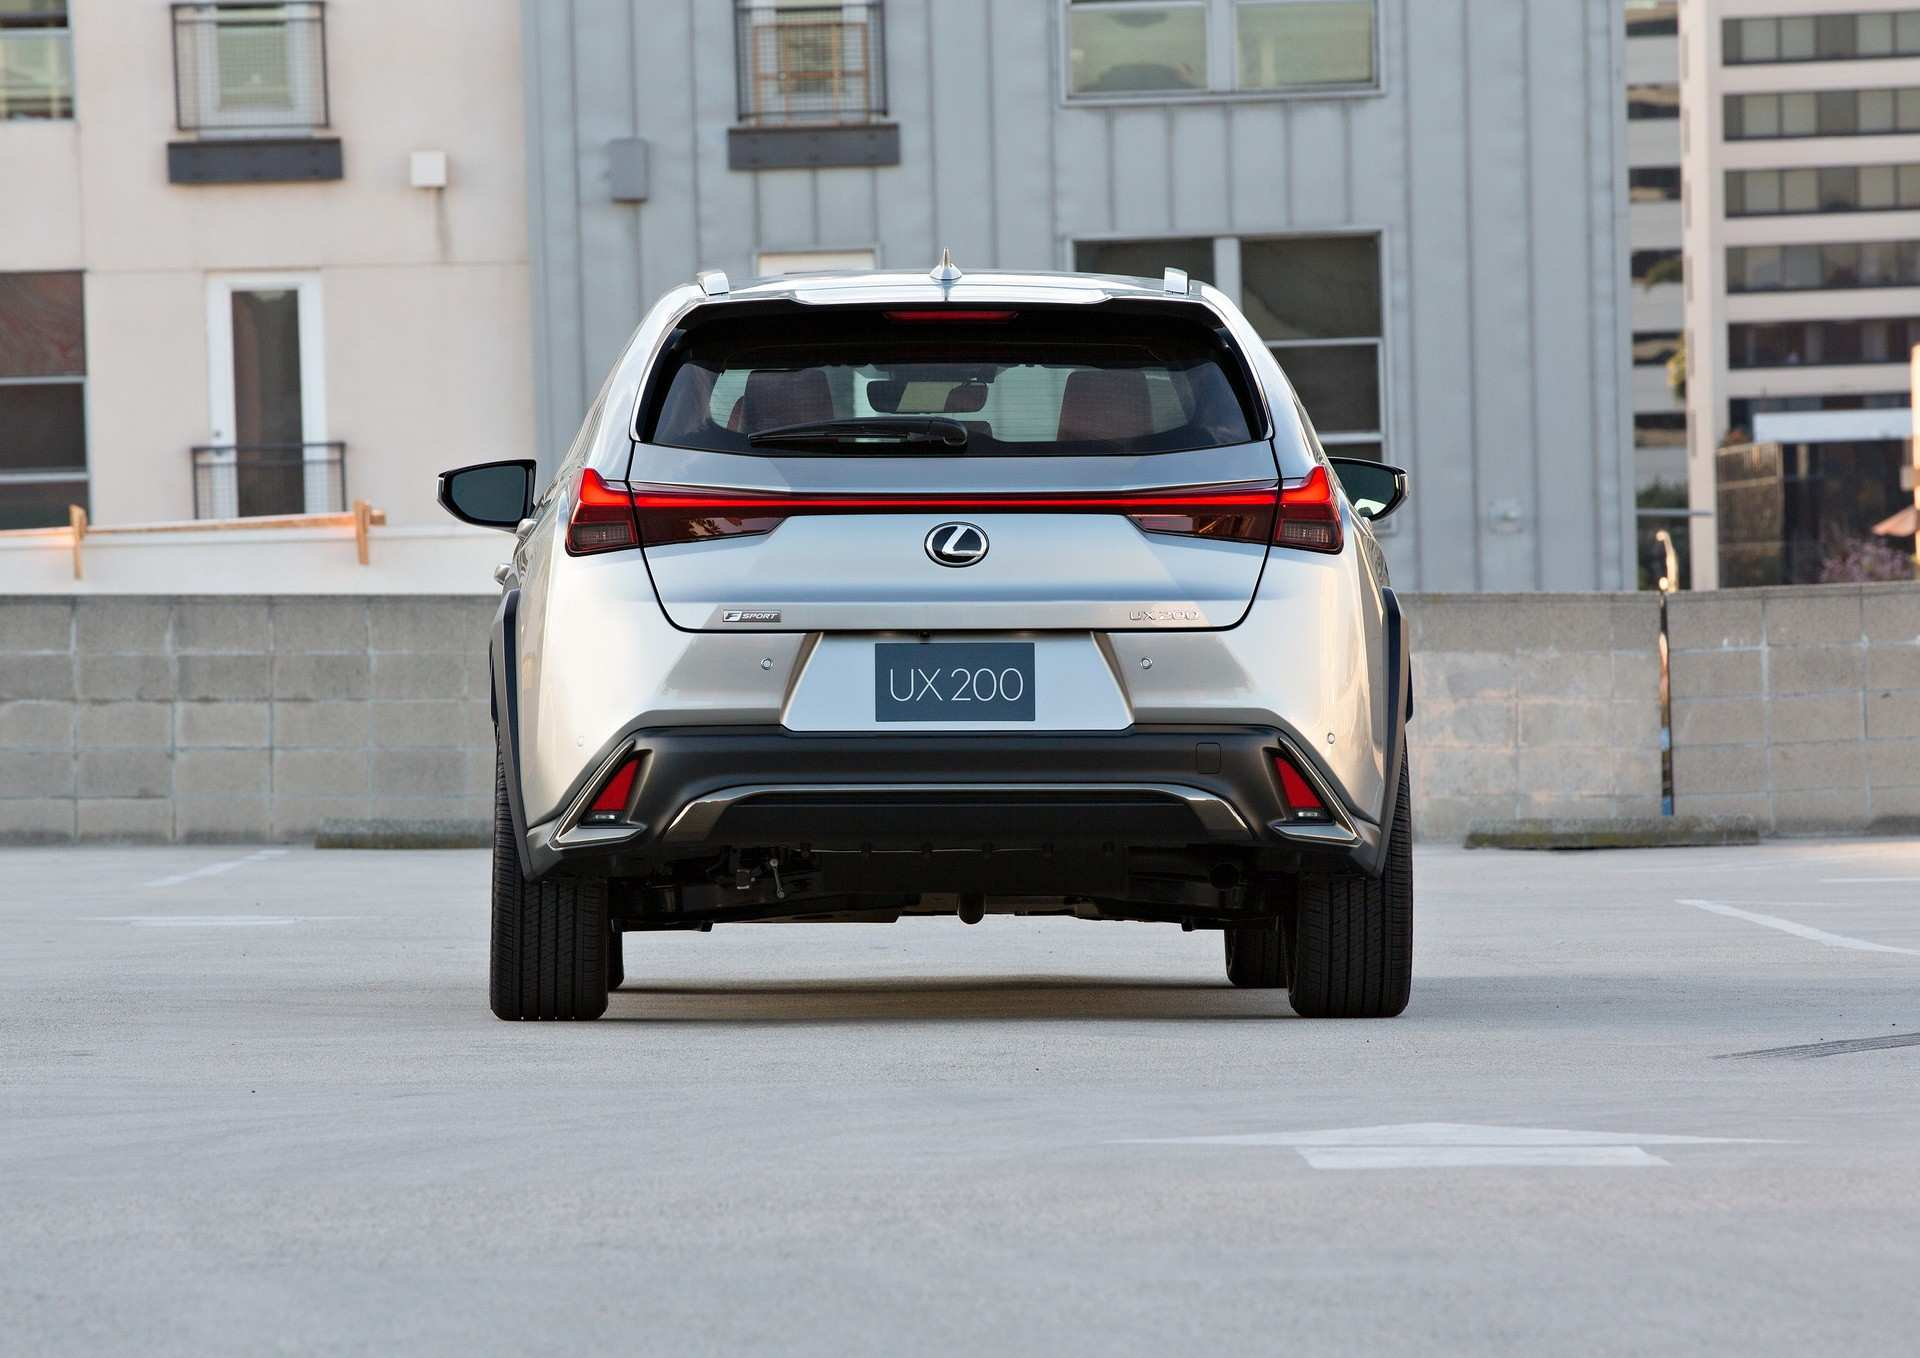 96 The Lexus Hatchback 2020 Price for Lexus Hatchback 2020